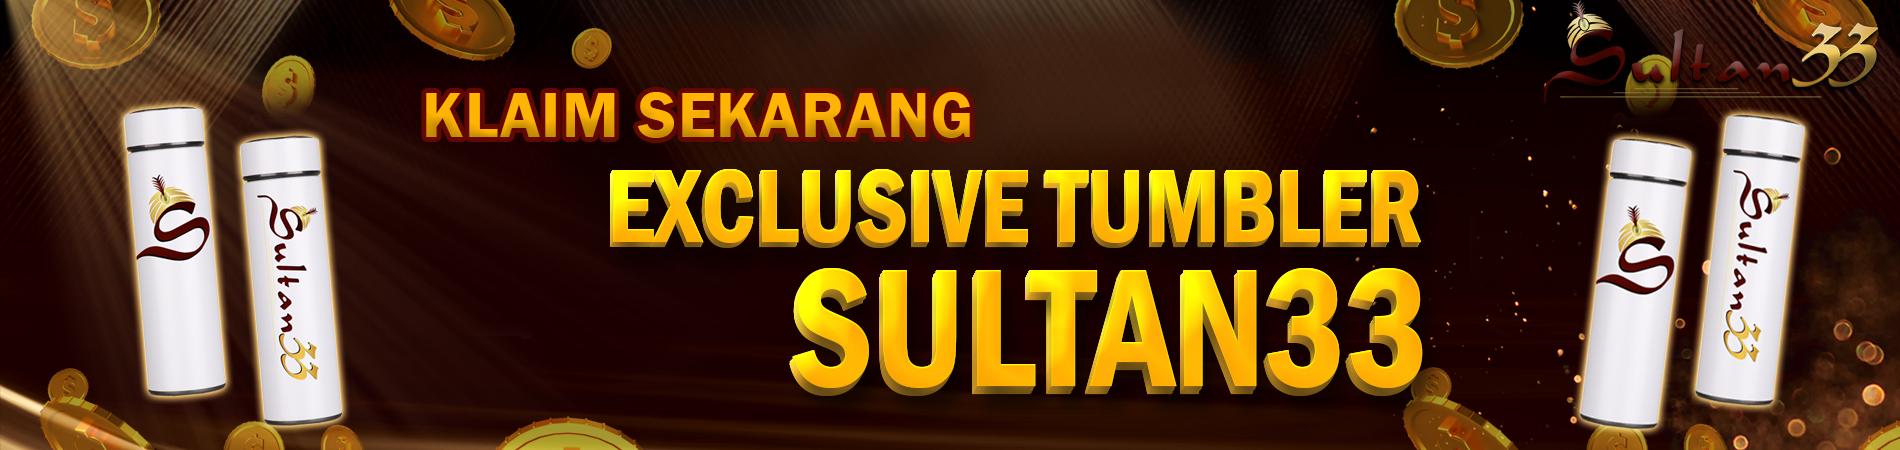 Event Exclusive Tumbler sultan33